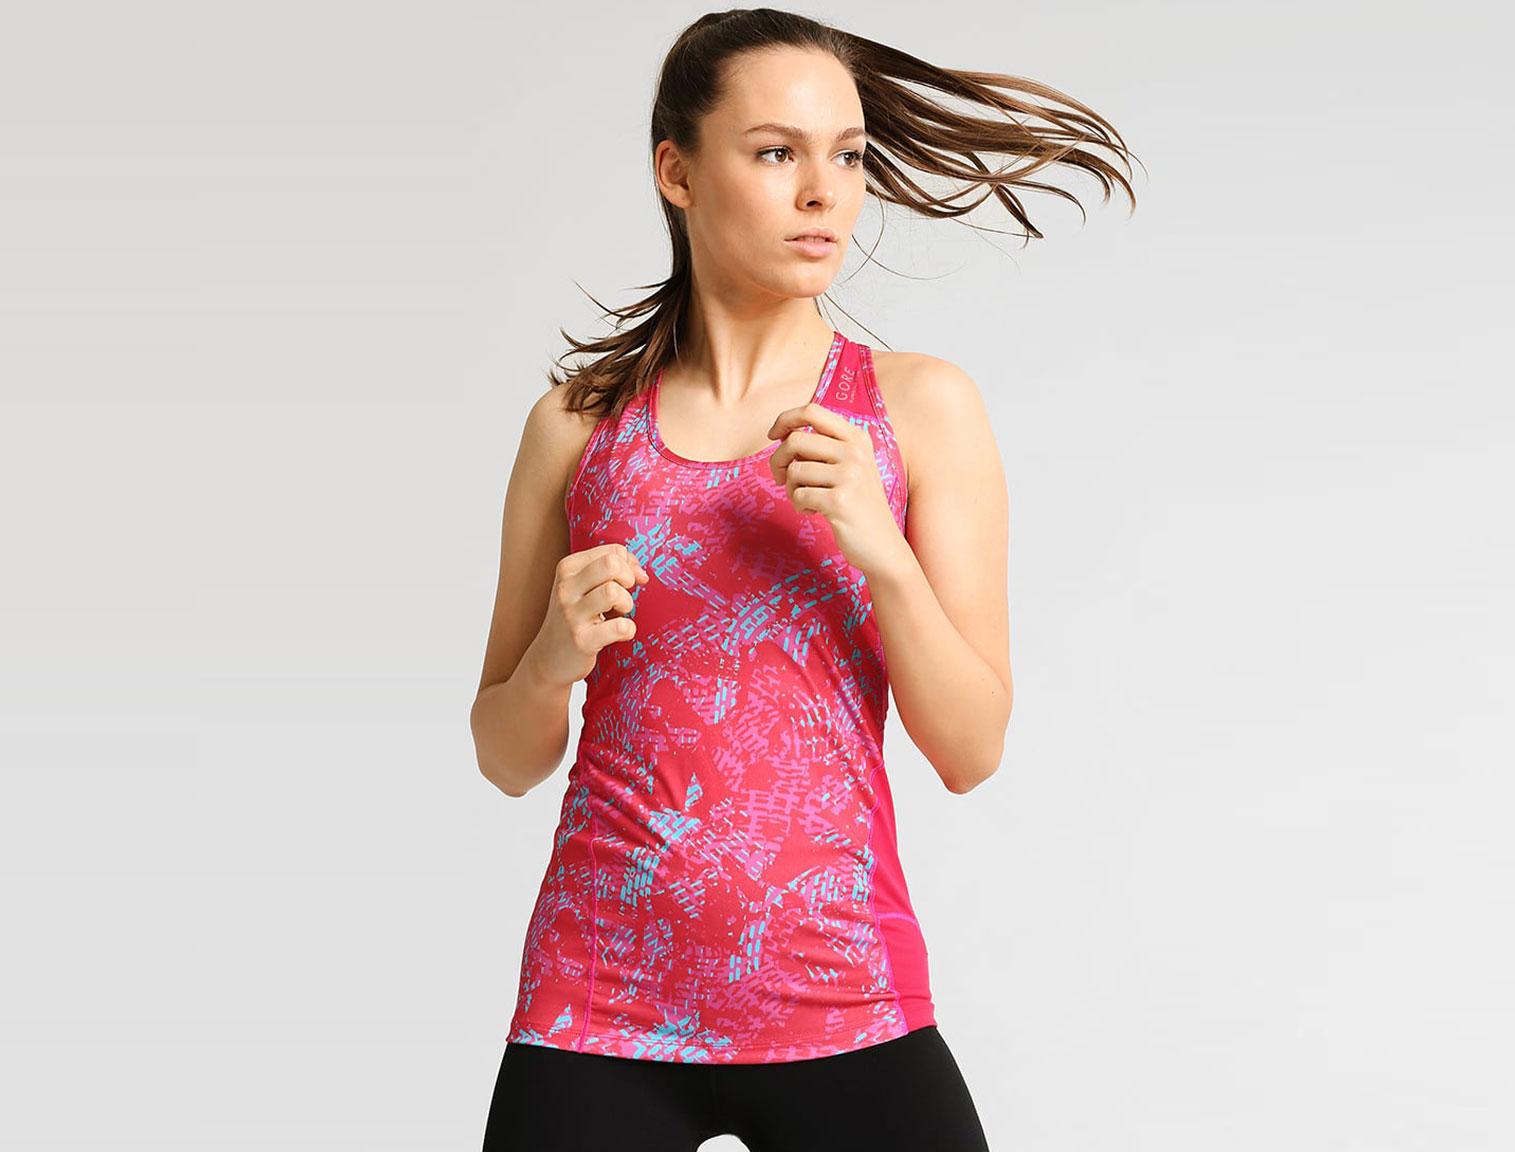 Y Hombre Mujer Online Camisetas En Running Para Zalando Aafw1qxZn1